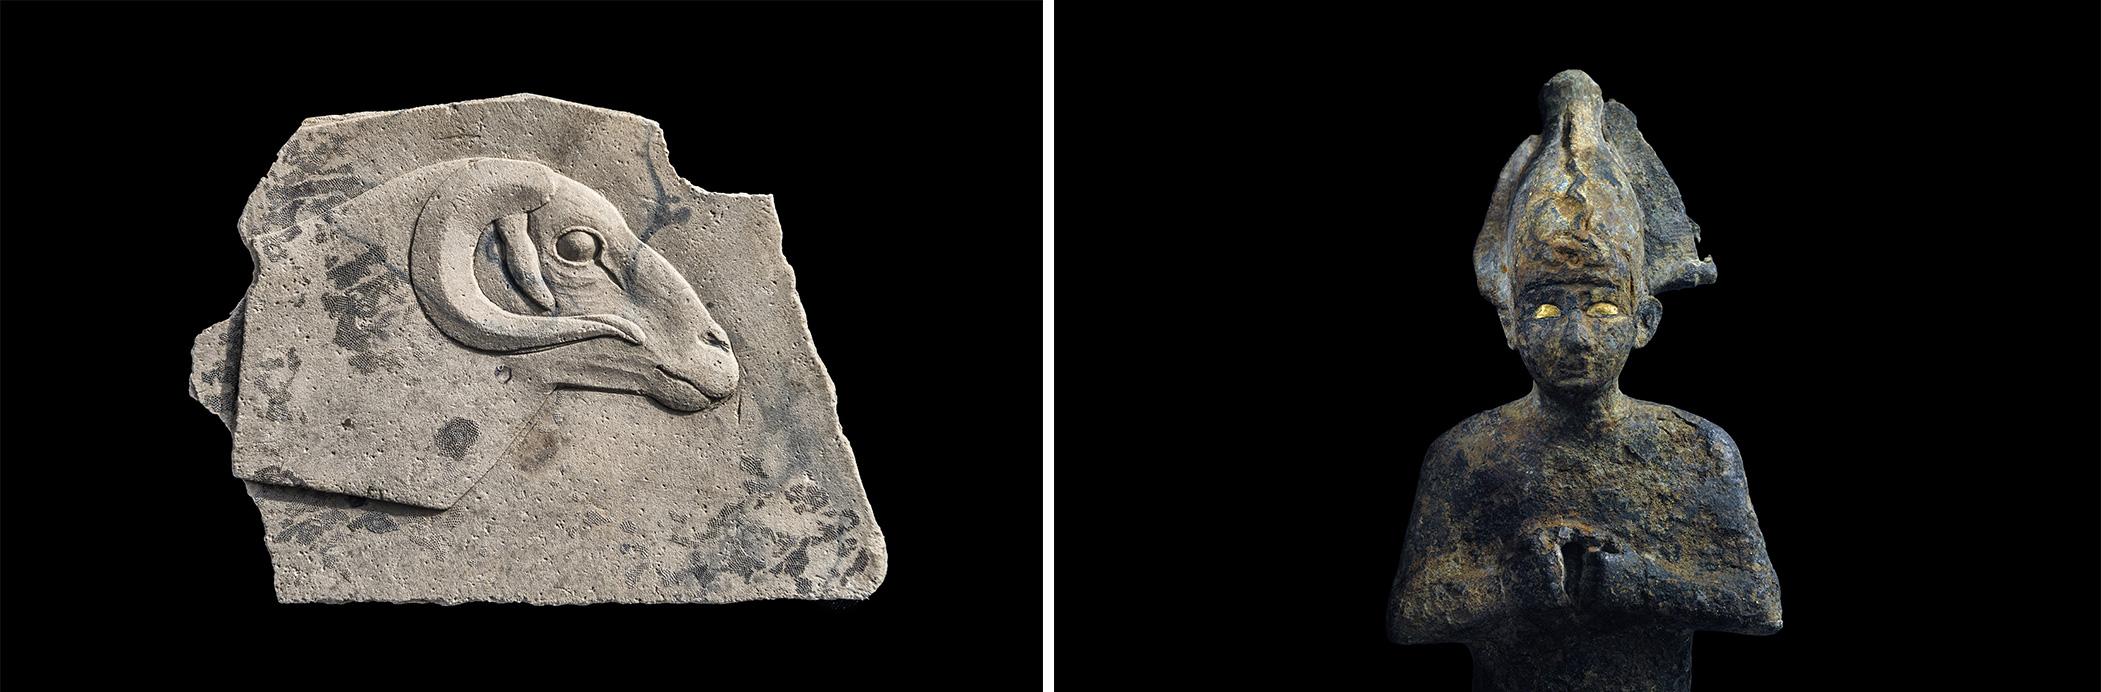 Sunken Cities Artifacts